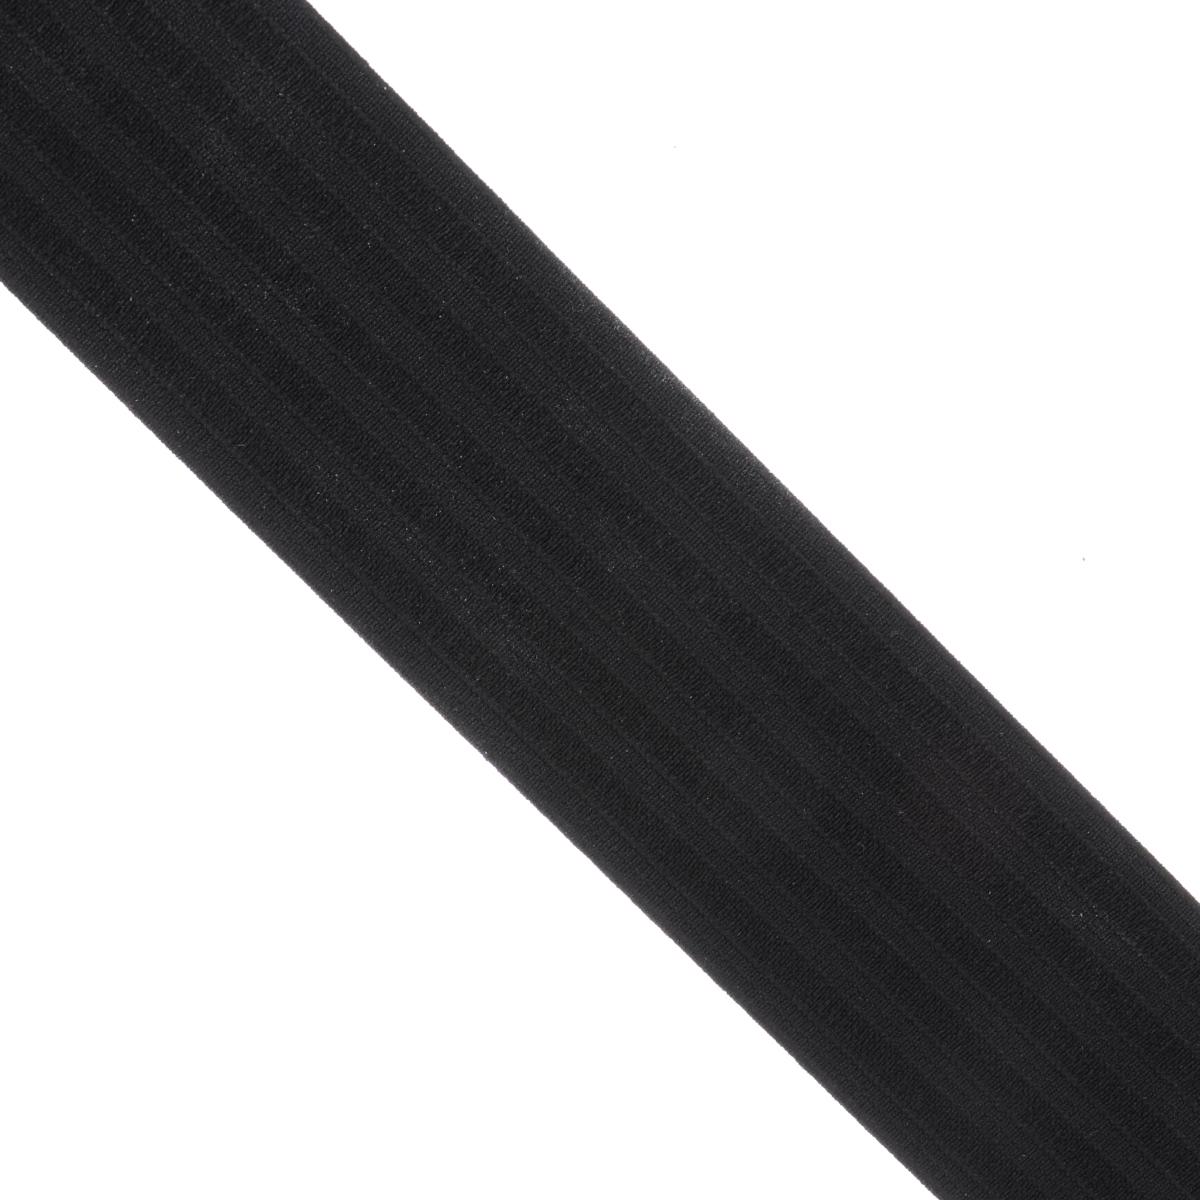 Лента эластичная Prym, для уплотнения шва, цвет: черный, ширина 4 см, длина 10 м693544Эластичная лента Prym предназначена для уплотнения шва. Выполнена из полиэстера (80%) и эластомера (20%). Ткань прочная, стабильная, облегчает равномерное притачивание внутренней отделки. Длина ленты: 10 м. Ширина ленты: 4 см.